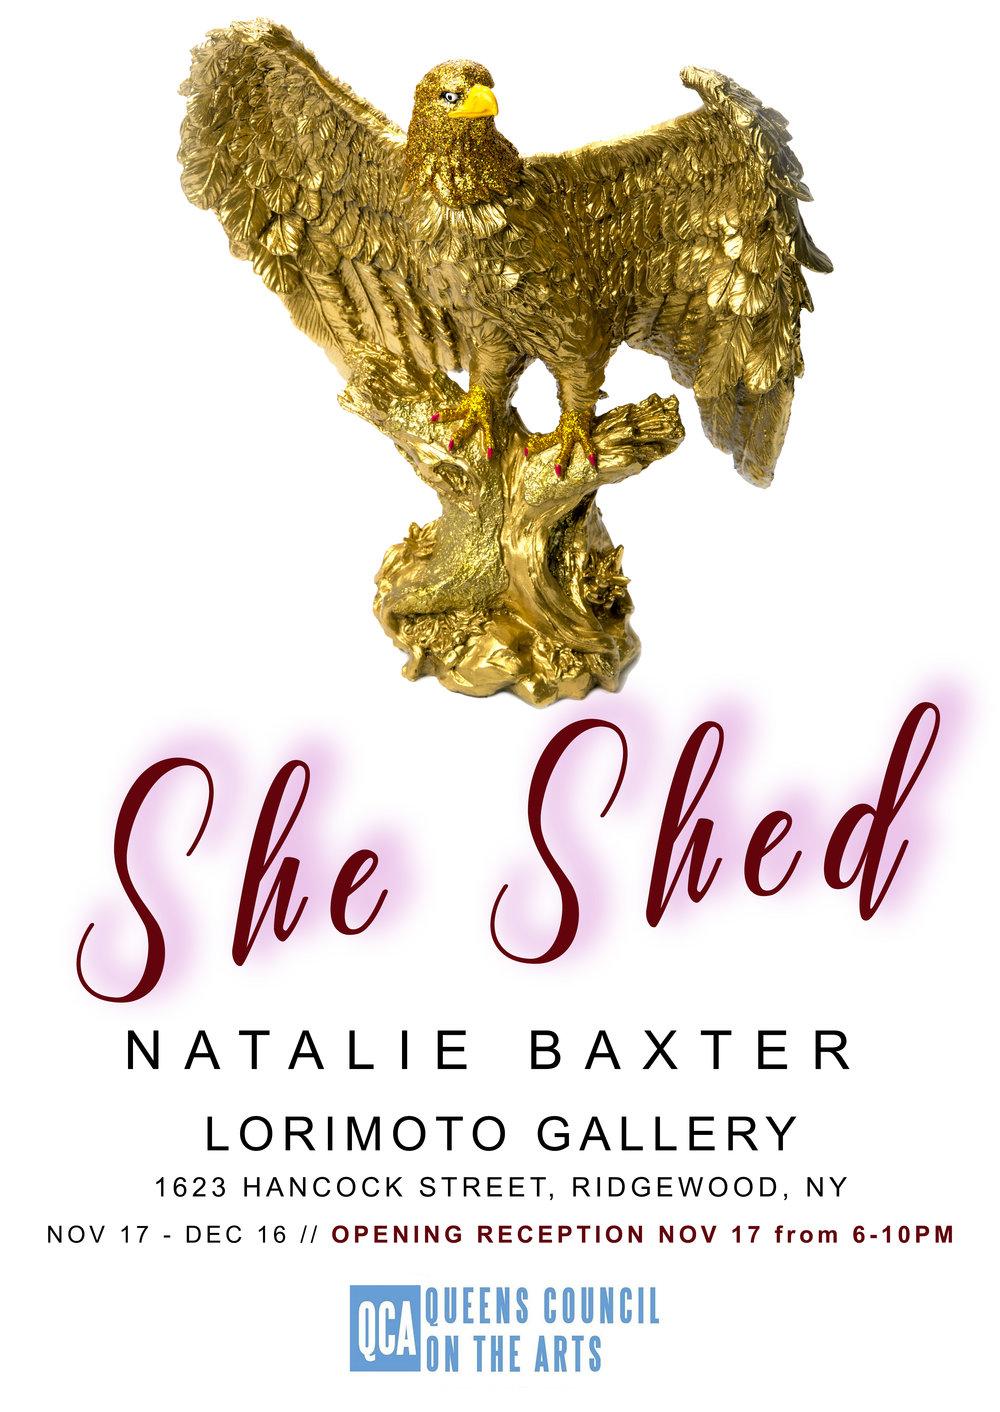 sheshedflier.jpg